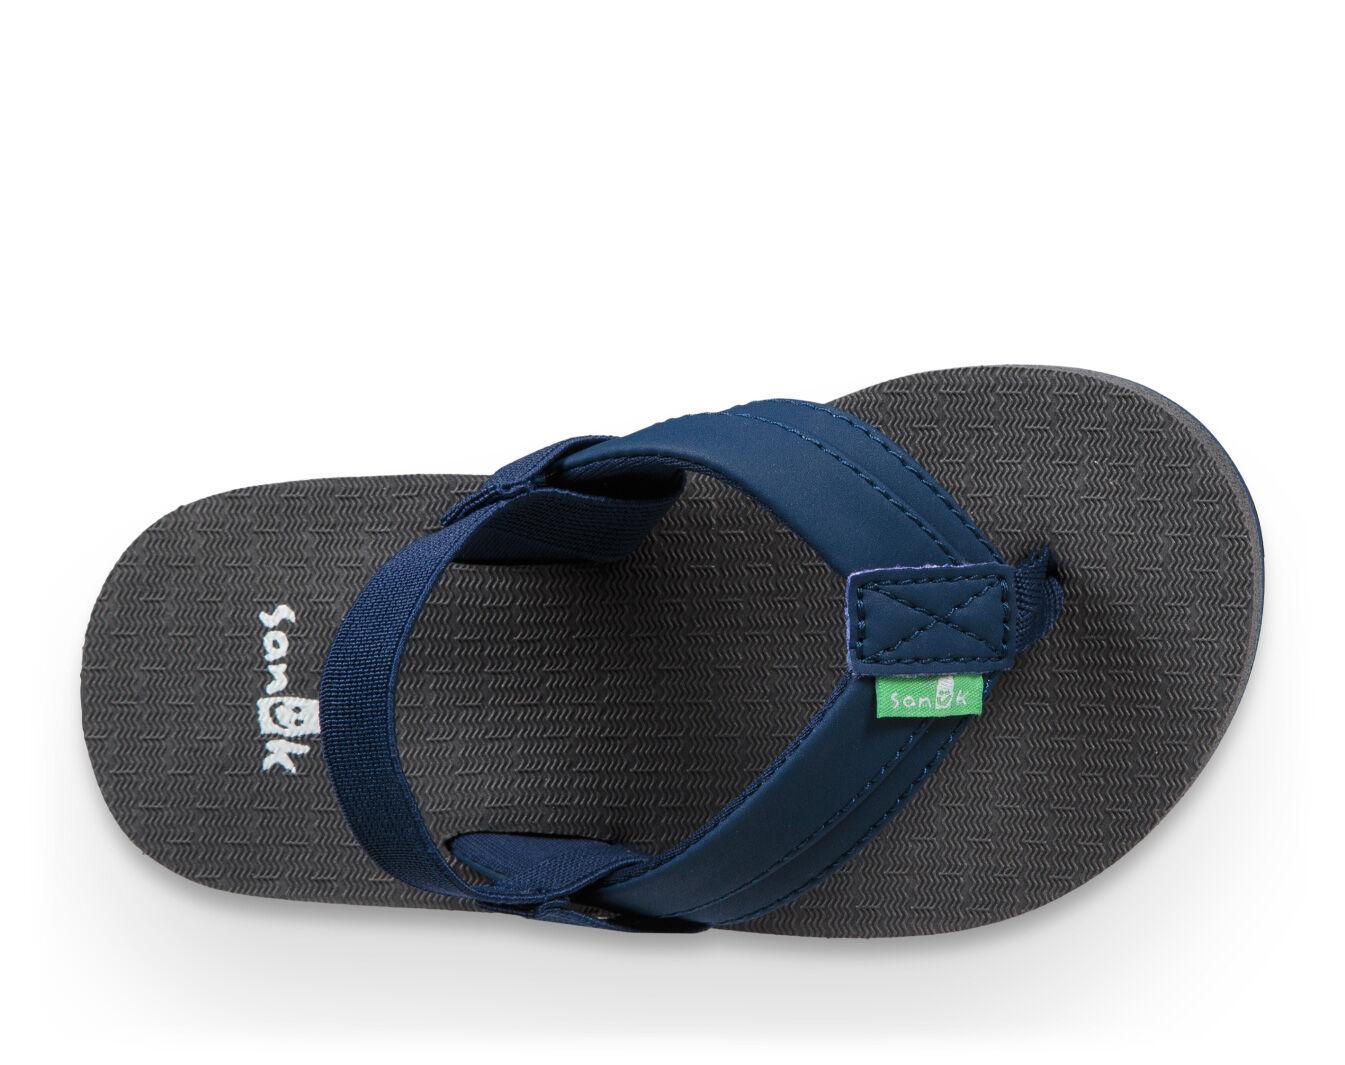 boys girls kids 11 12 13 1 2 3 4 5 sandals shoes YELLO SKULL FLIP FLOPS